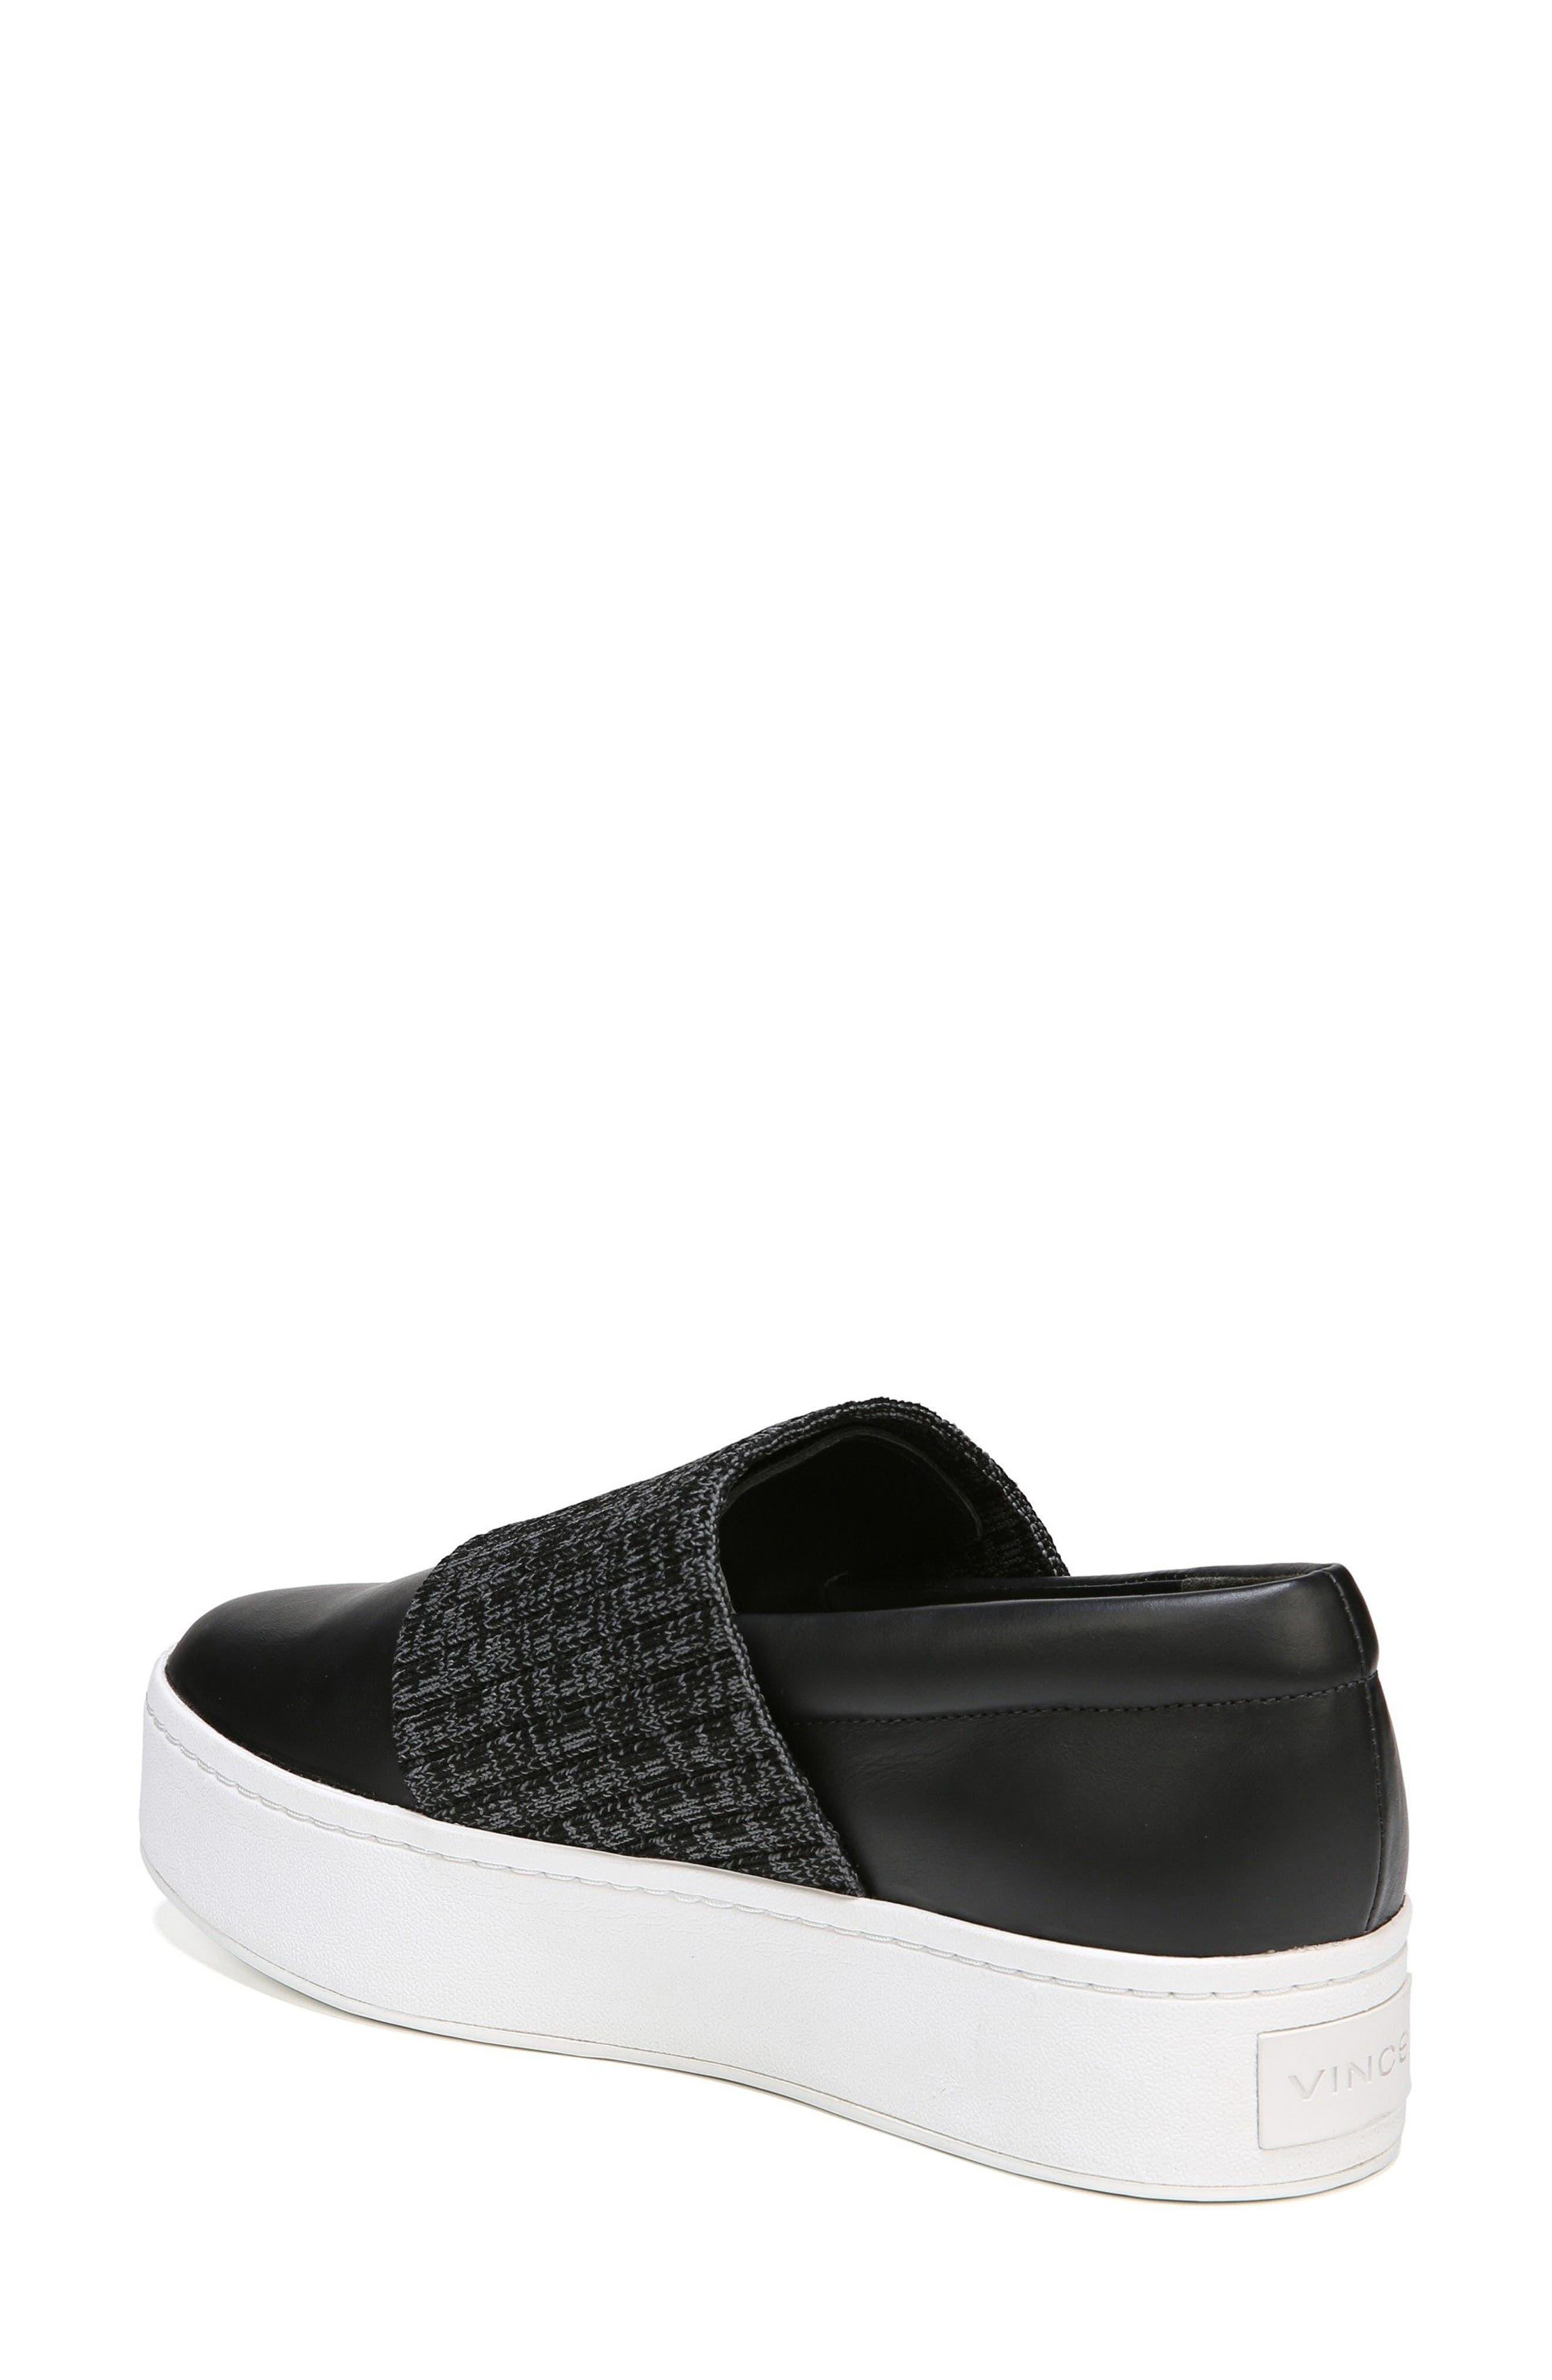 Weadon Slip-On Sneaker,                             Alternate thumbnail 2, color,                             002